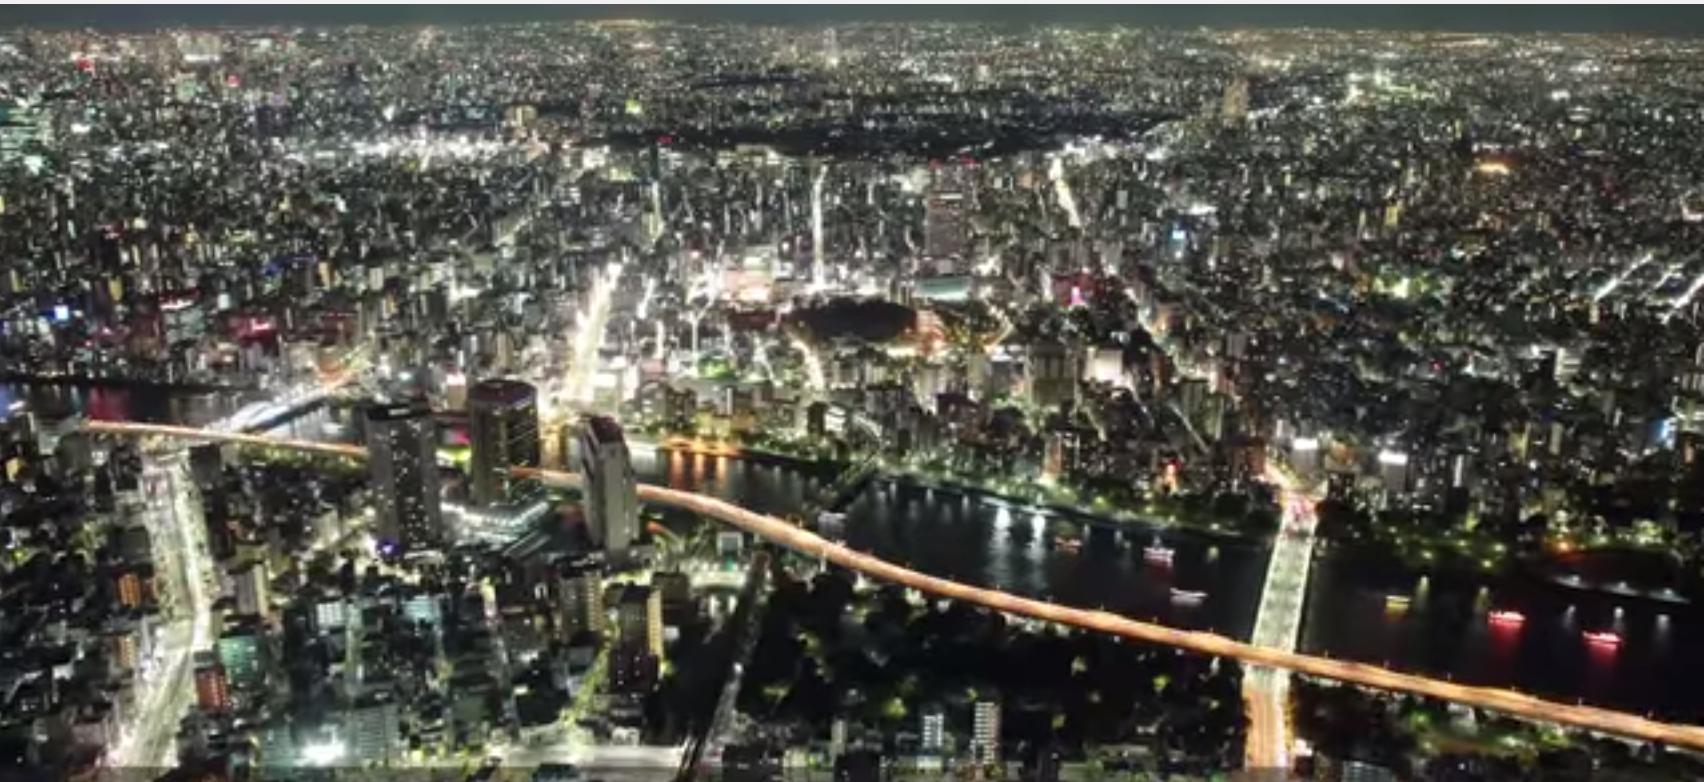 【海外の反応】東京スカイツリーの展望台から撮った素晴らしい夜景に感動!